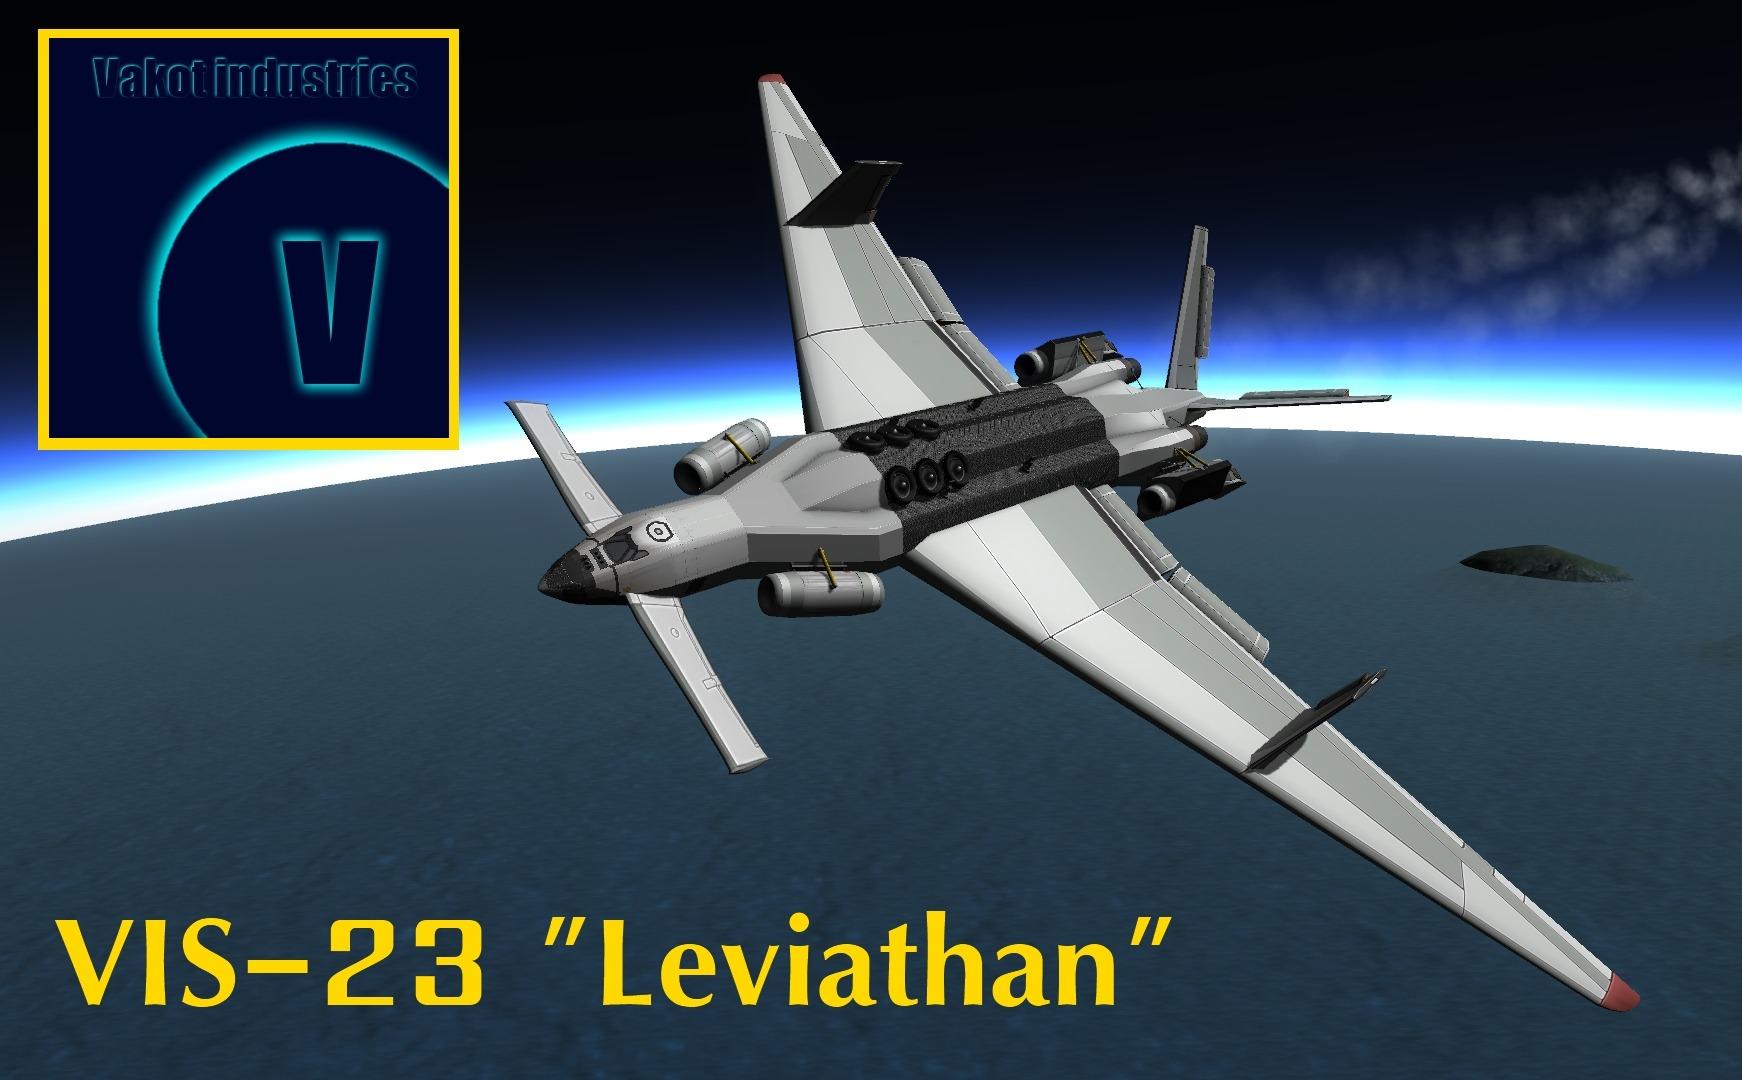 VIS-23